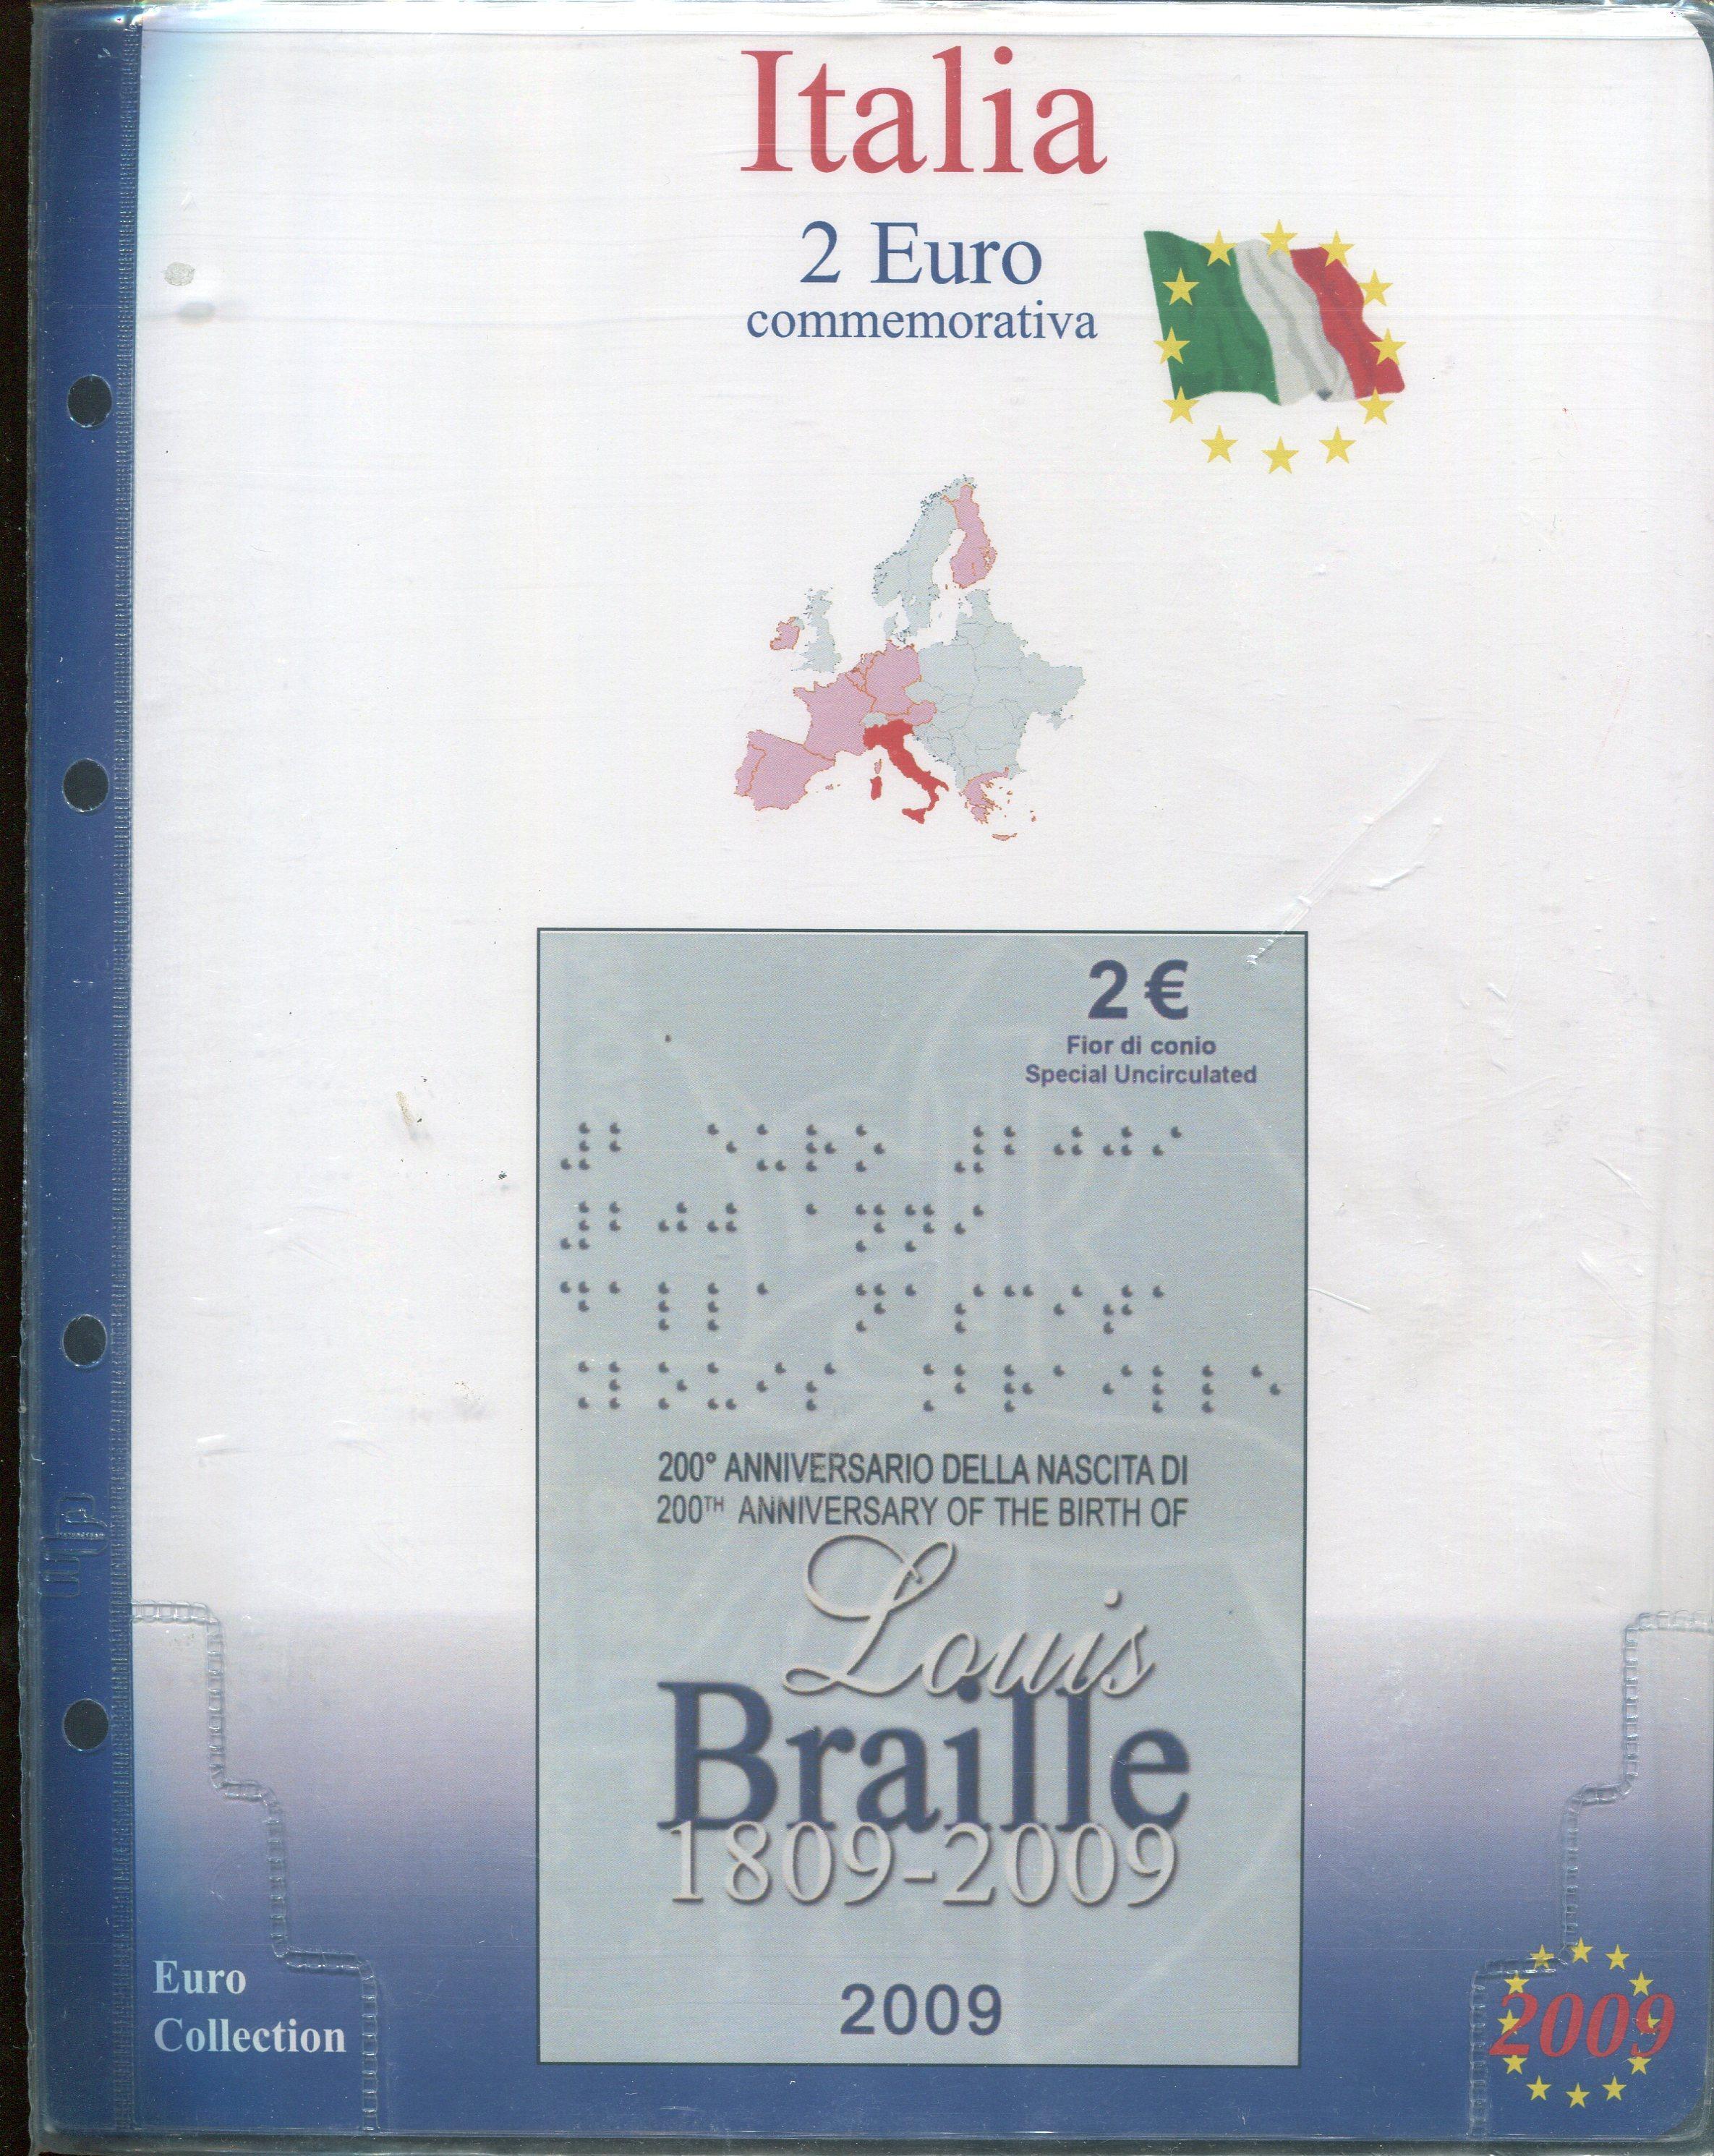 9a08927651 FOGLI PER 2 EURO ITALIA IN BLISTER E COINCARD - MASTERPHIL - RomanPhil